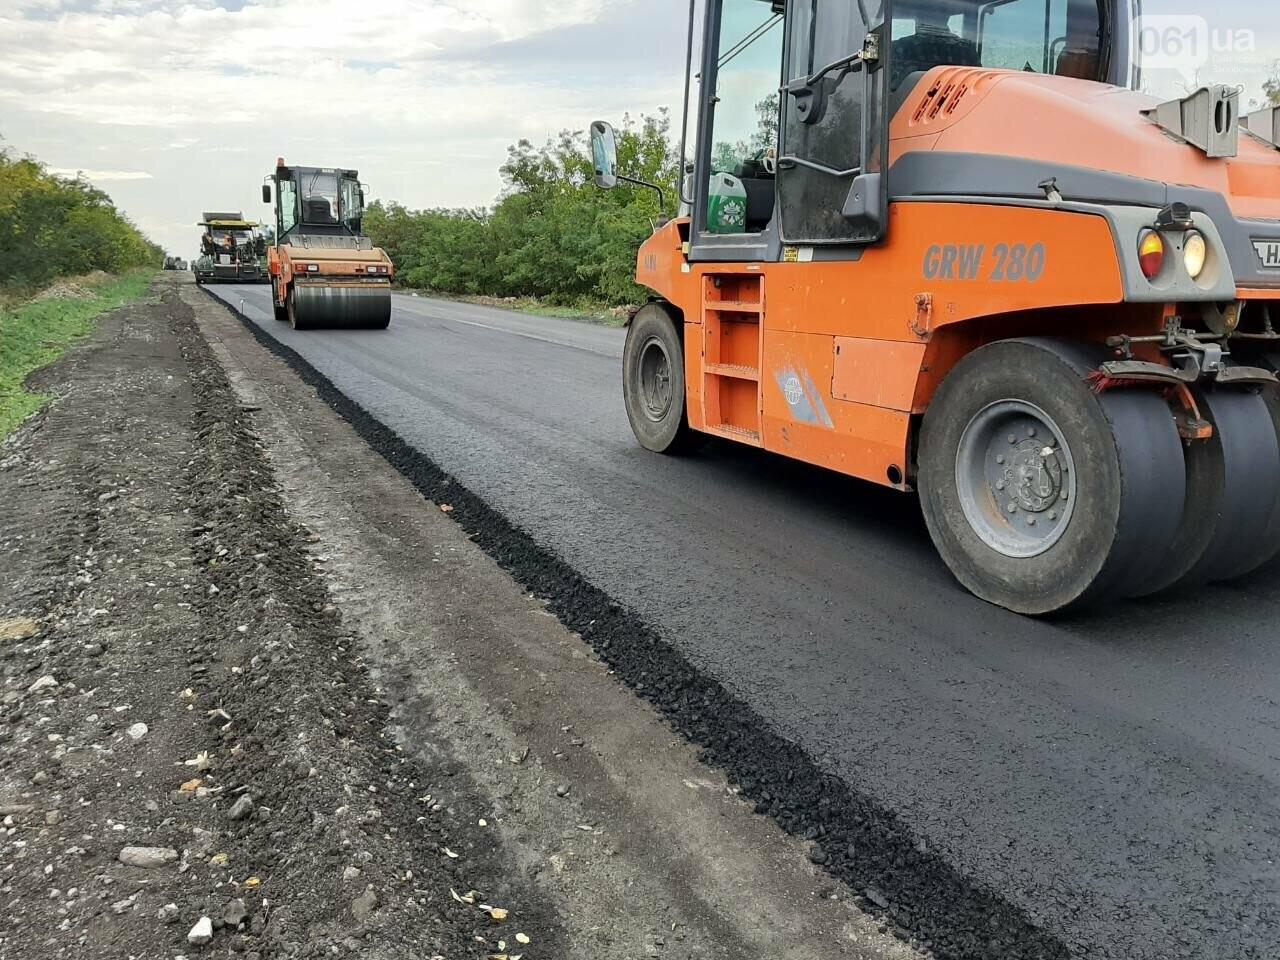 Сделали на 90%: на отремонтированной трассе Запорожье-Мариуполь наносят разметку и устанавливают знаки, фото-4